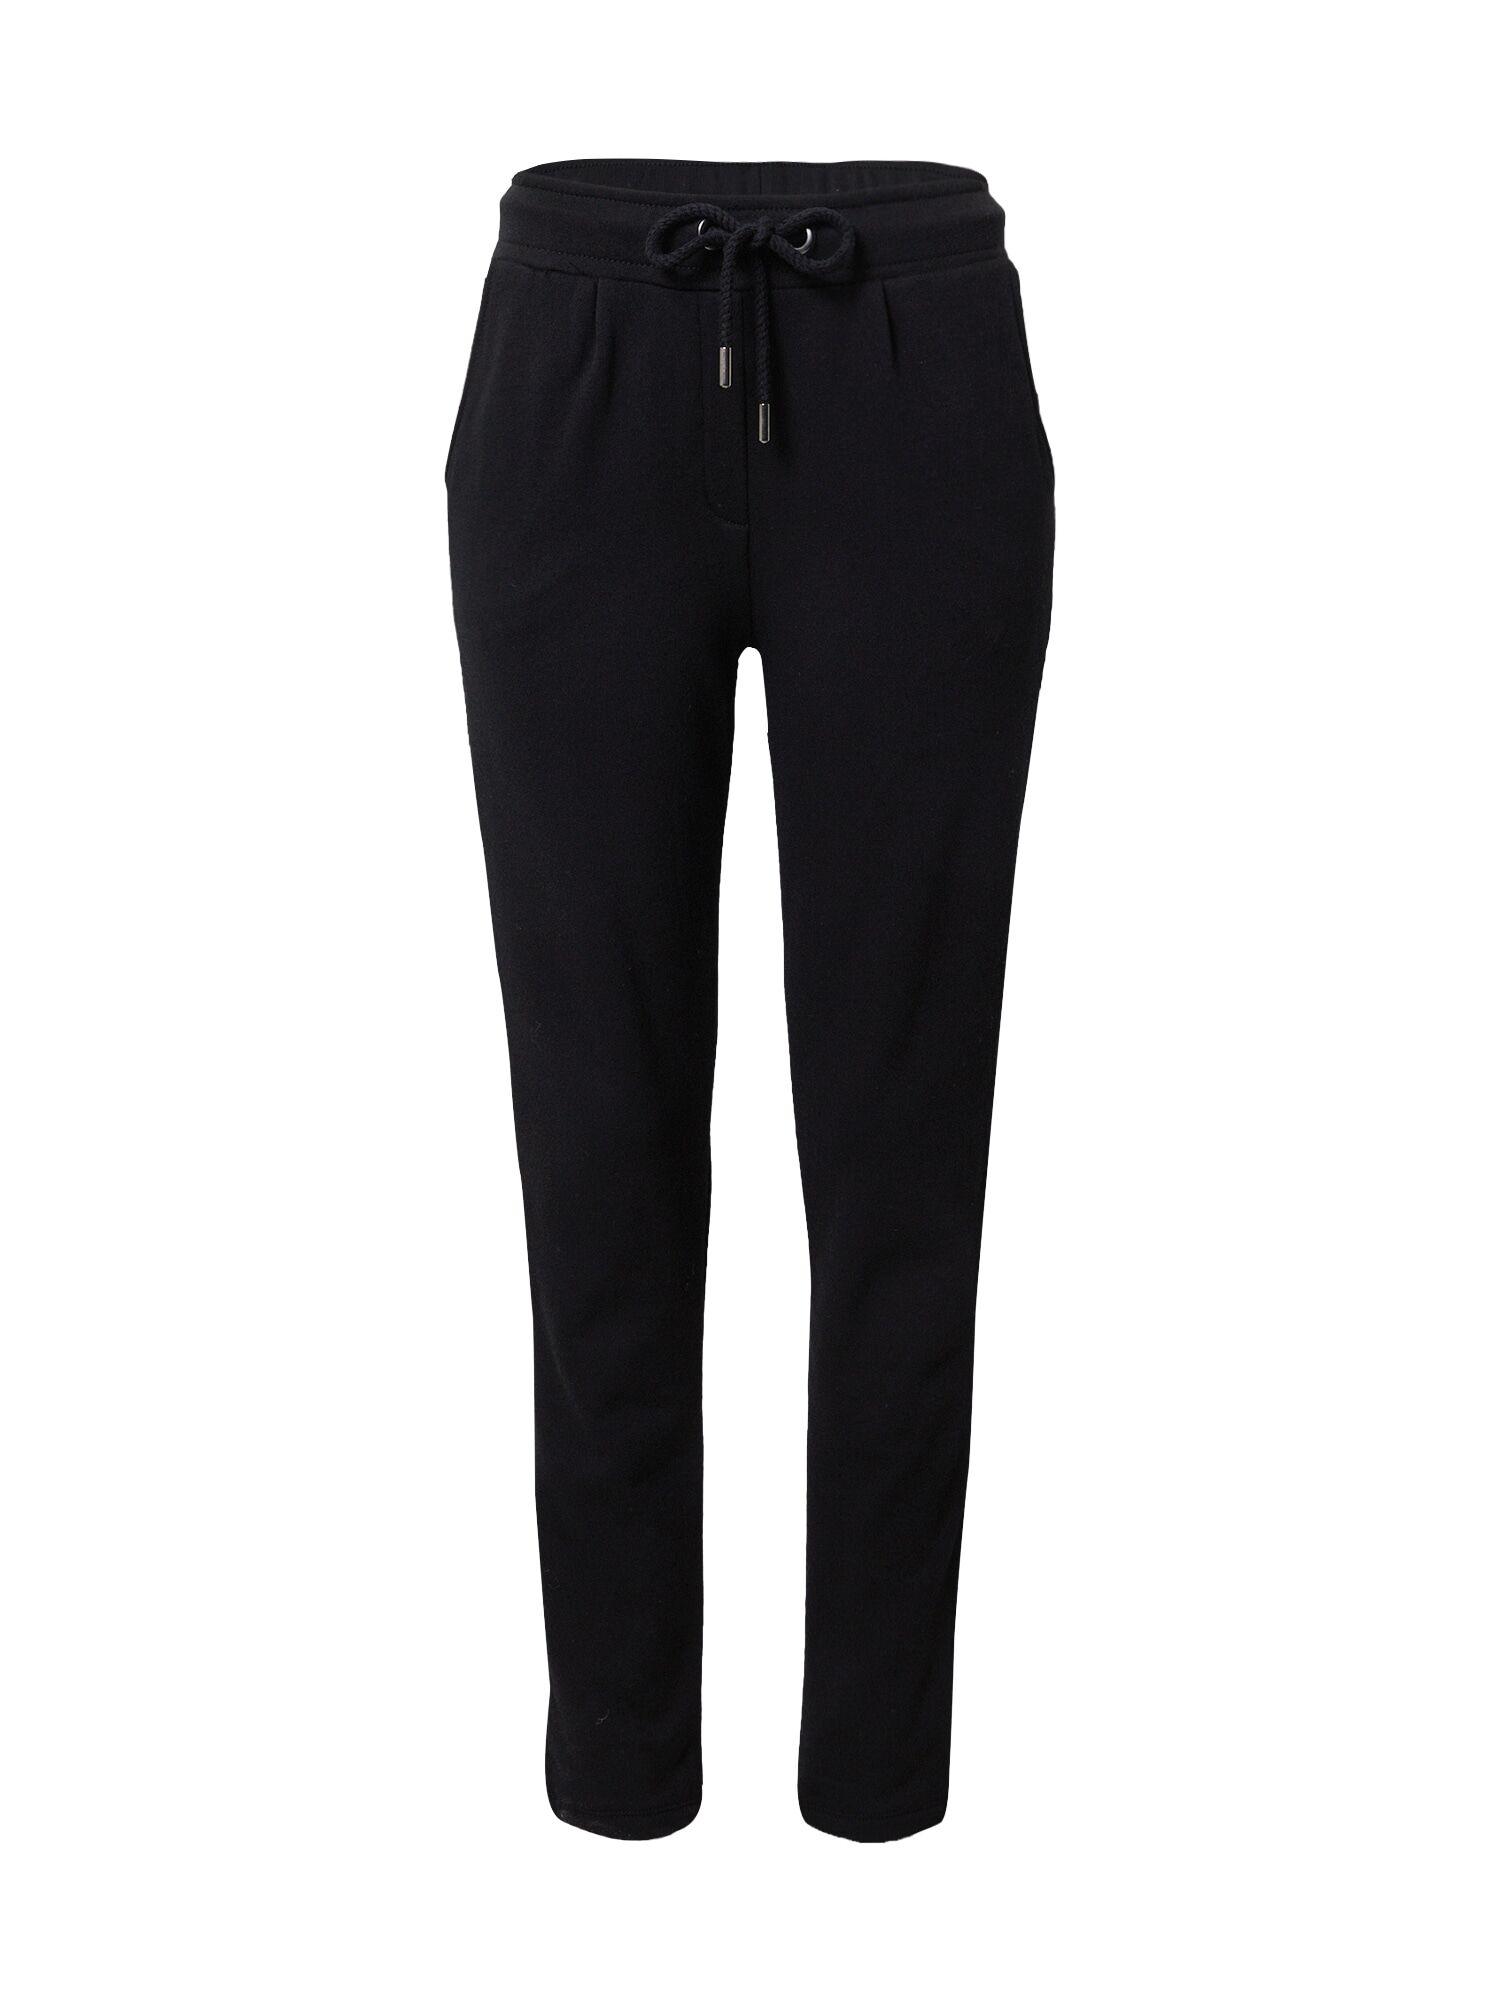 Princess Pantalon à pince  - Noir - Taille: XL - female